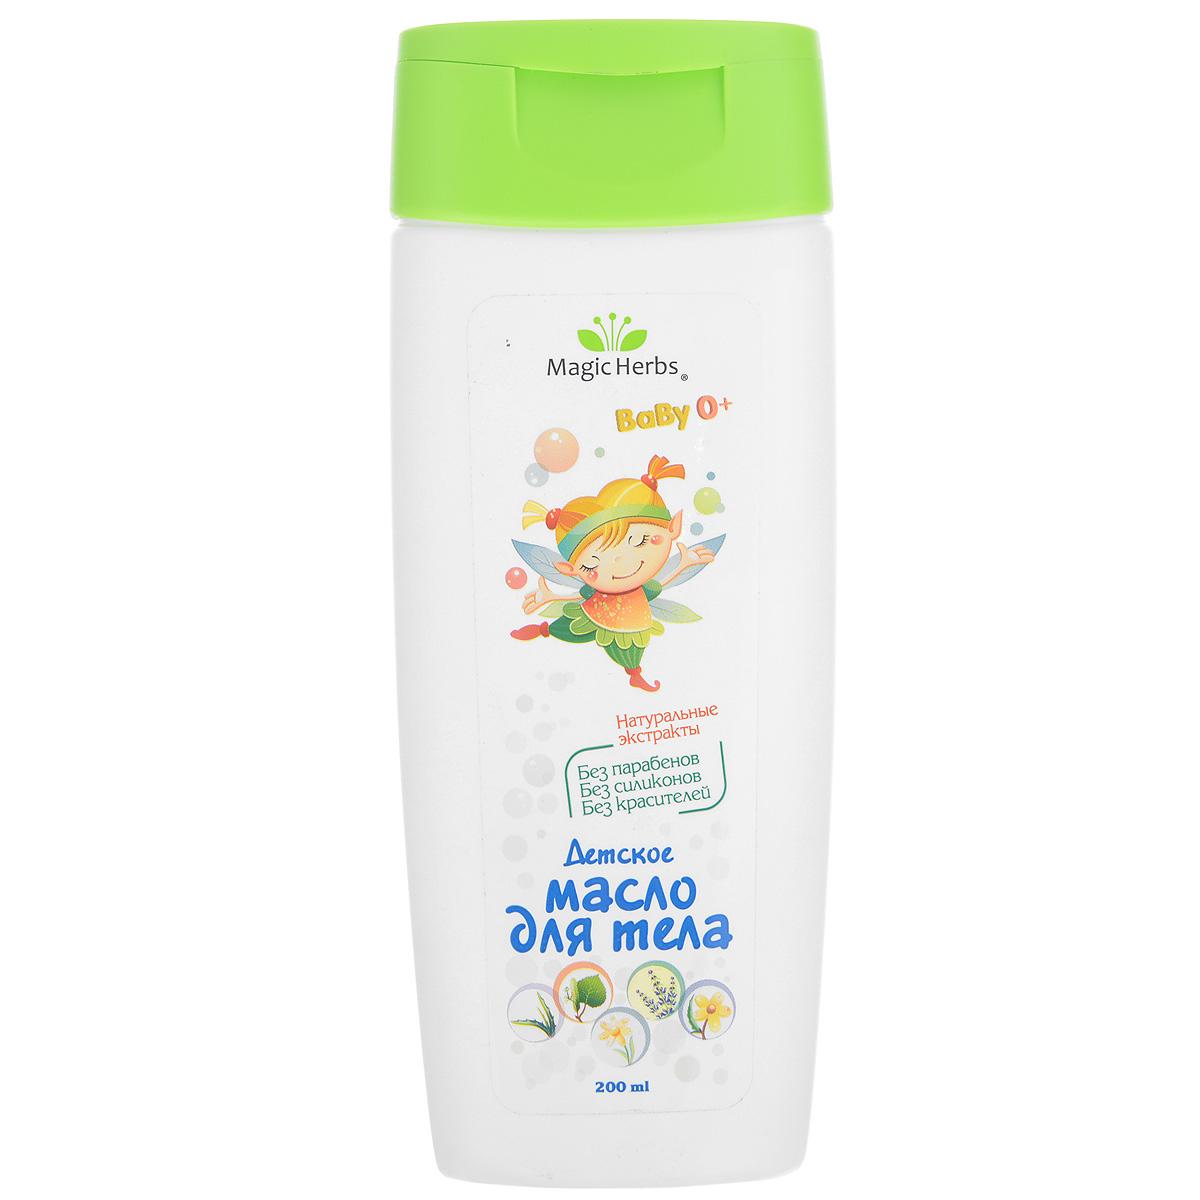 Magic Herbs Детское масло для тела, с комплексом экстрактов, 200 мл